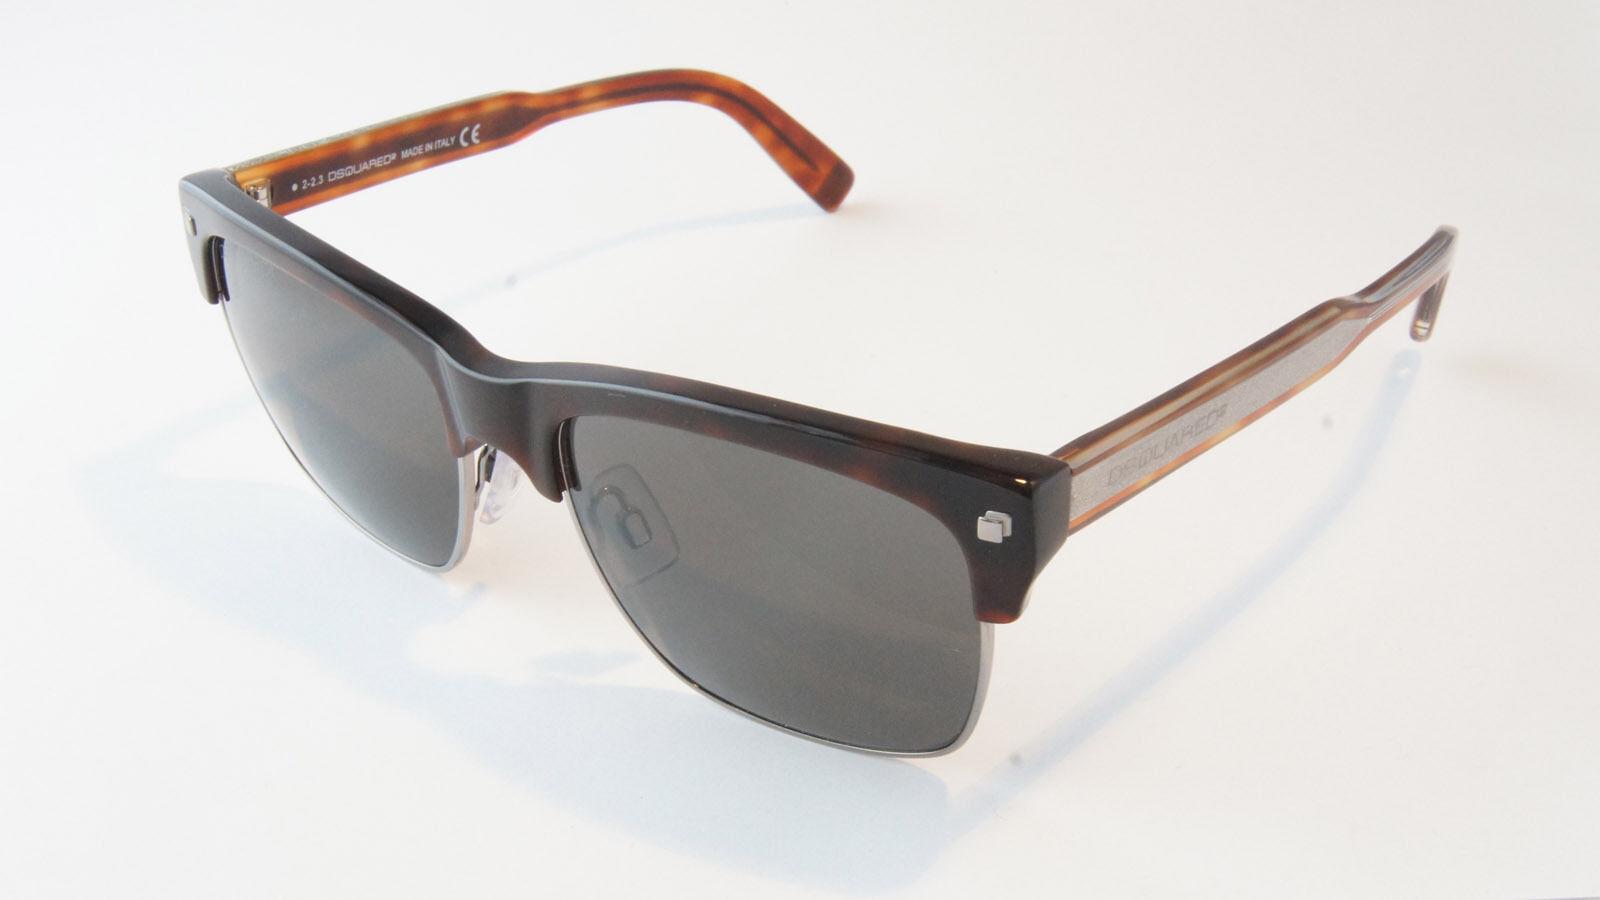 DSQUArot Sonnenbrille Sonnenbrille Sonnenbrille DQ0149S 52A Dark Havana Dark grau, Damen Herren, mit Etui | Grüne, neue Technologie  386bf4